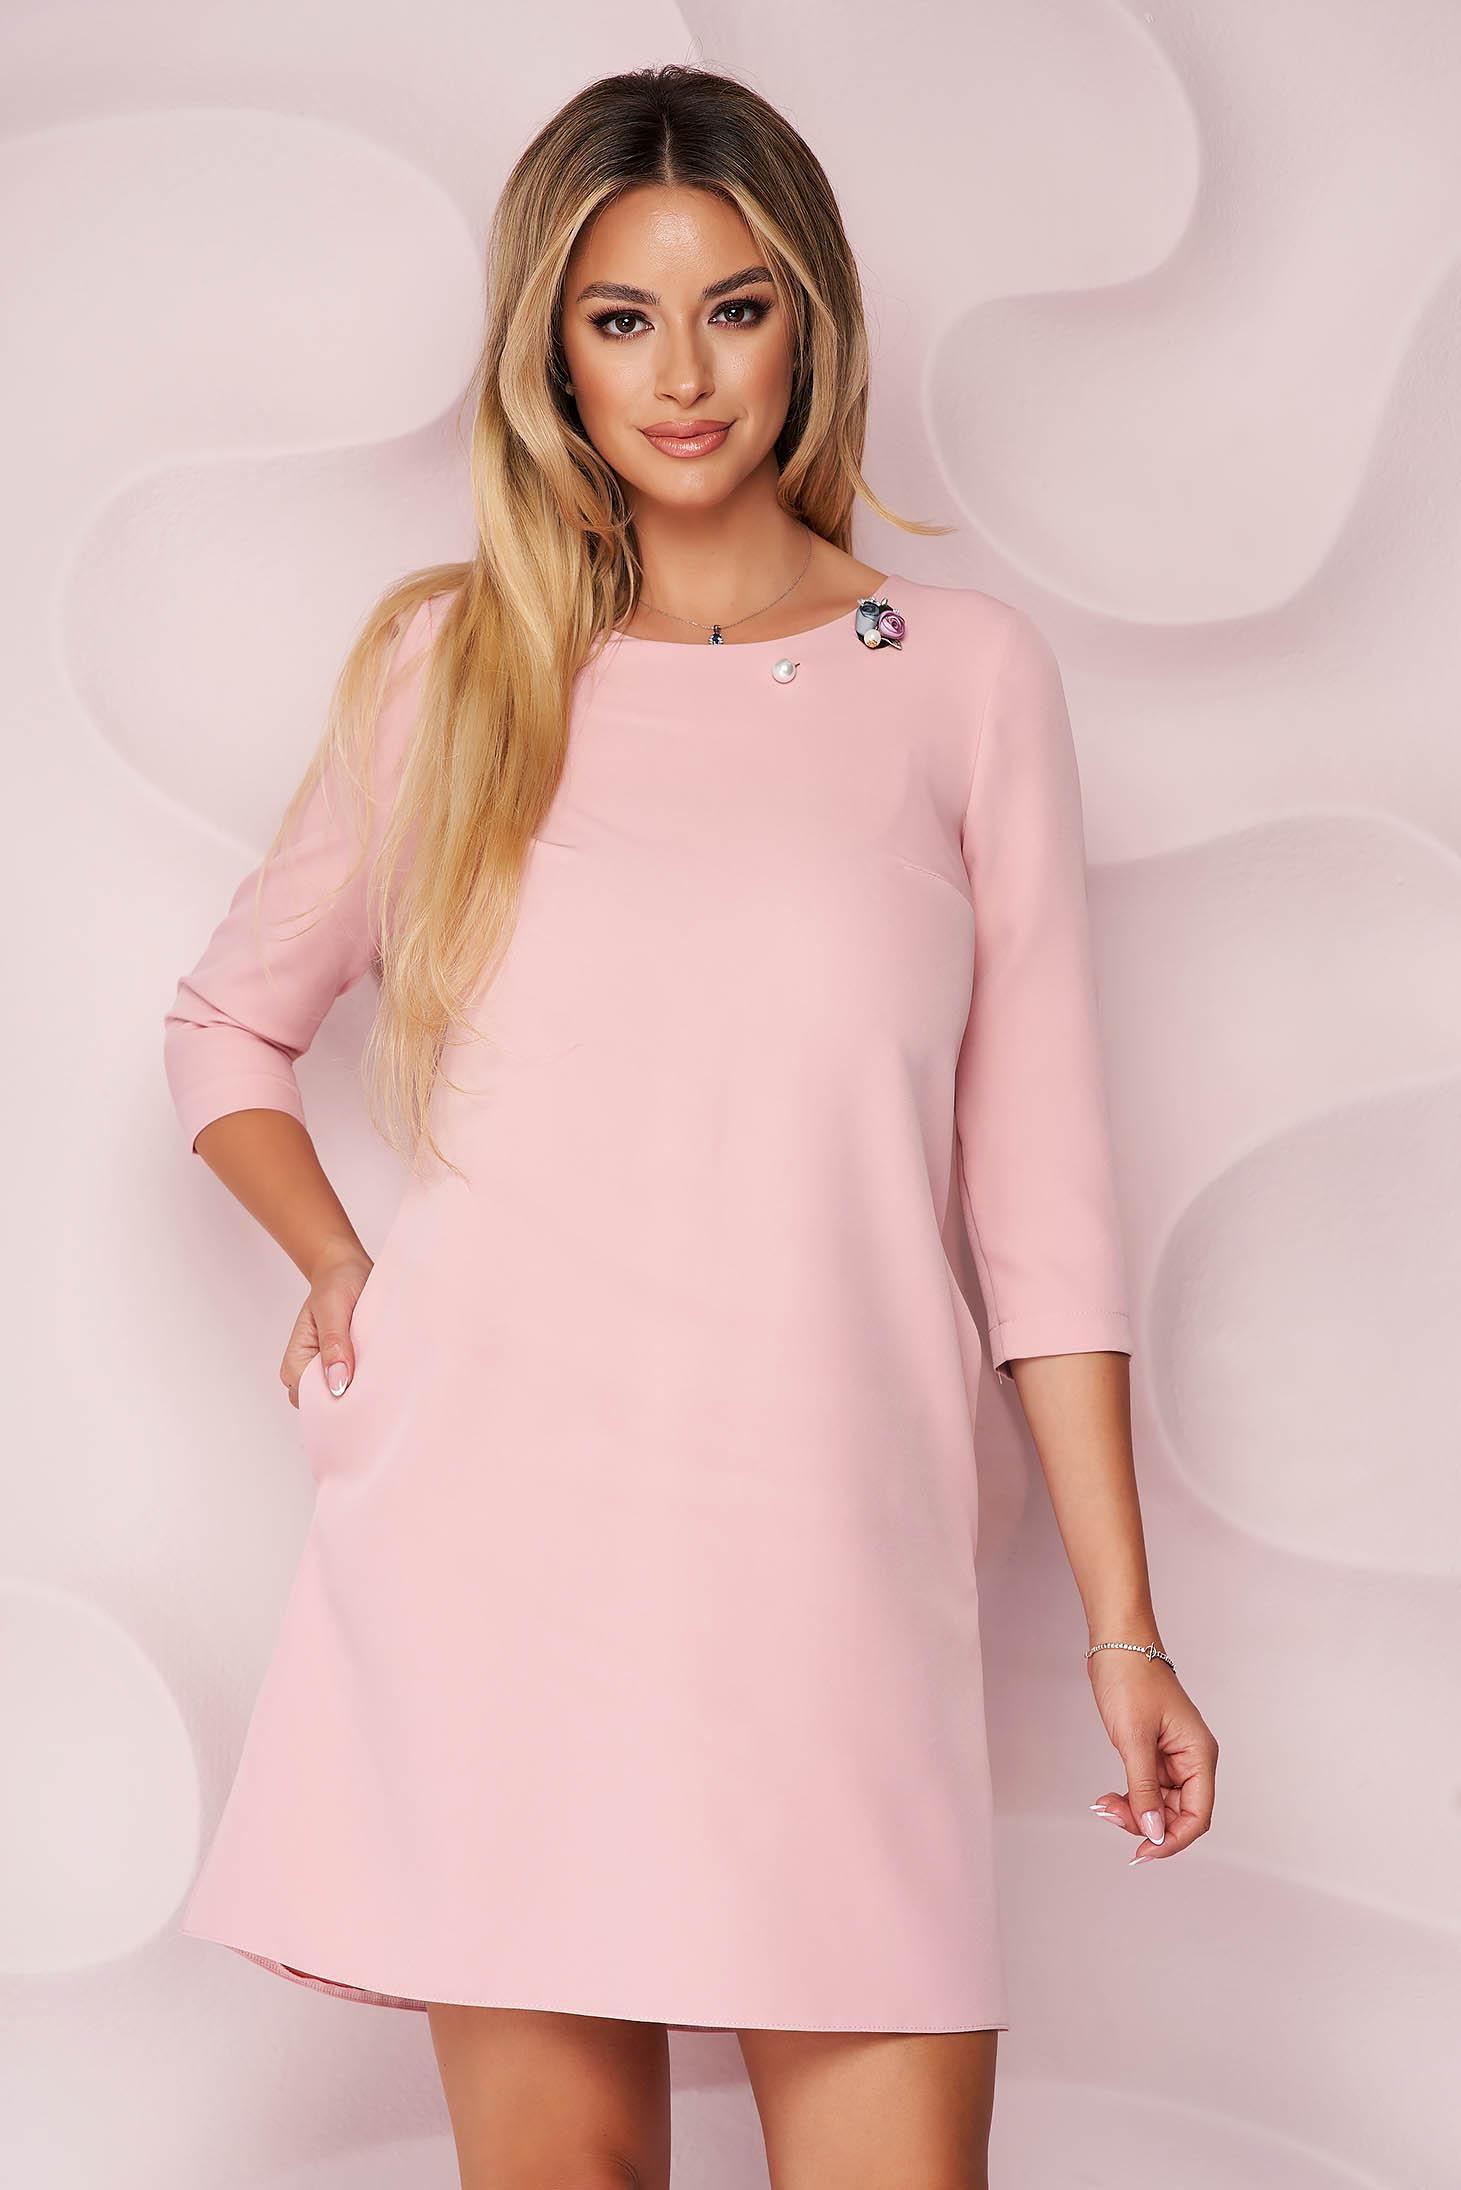 Rochie StarShinerS roz prafuit scurta office cu croi in a din material neelastic accesorizata cu brosa si buzunare laterale